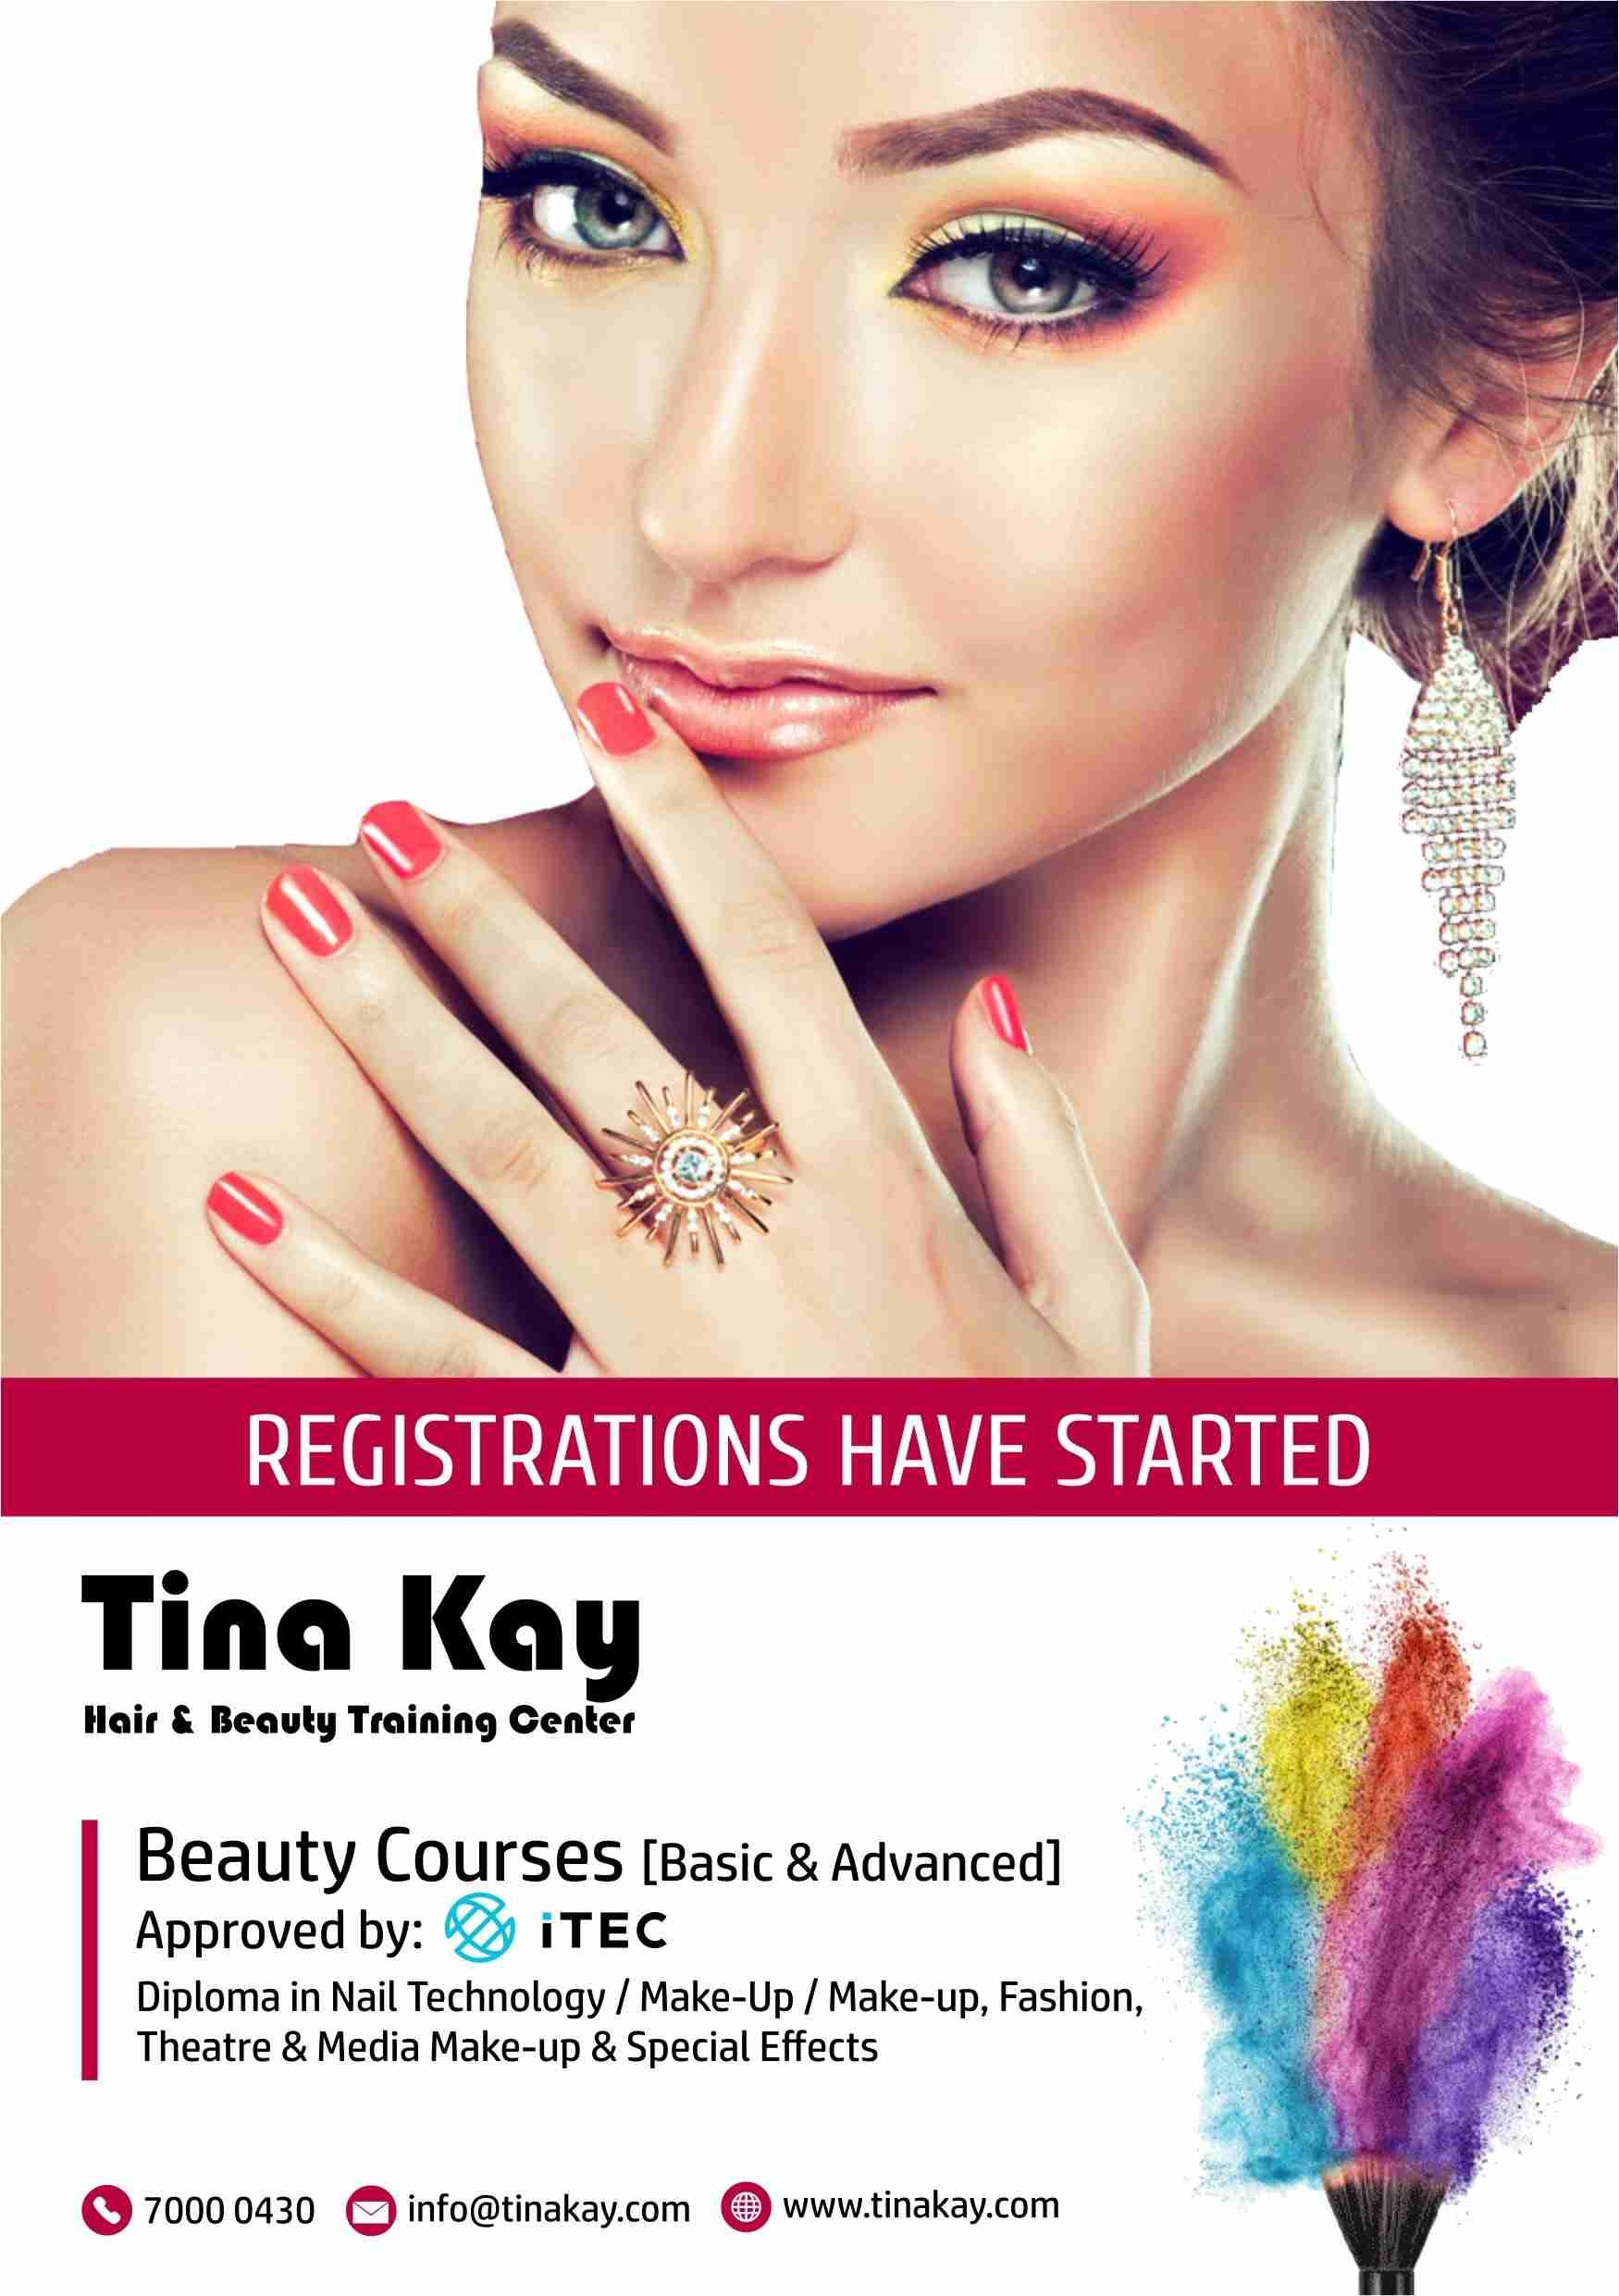 TinaKay-fb-8-5-18-beauty